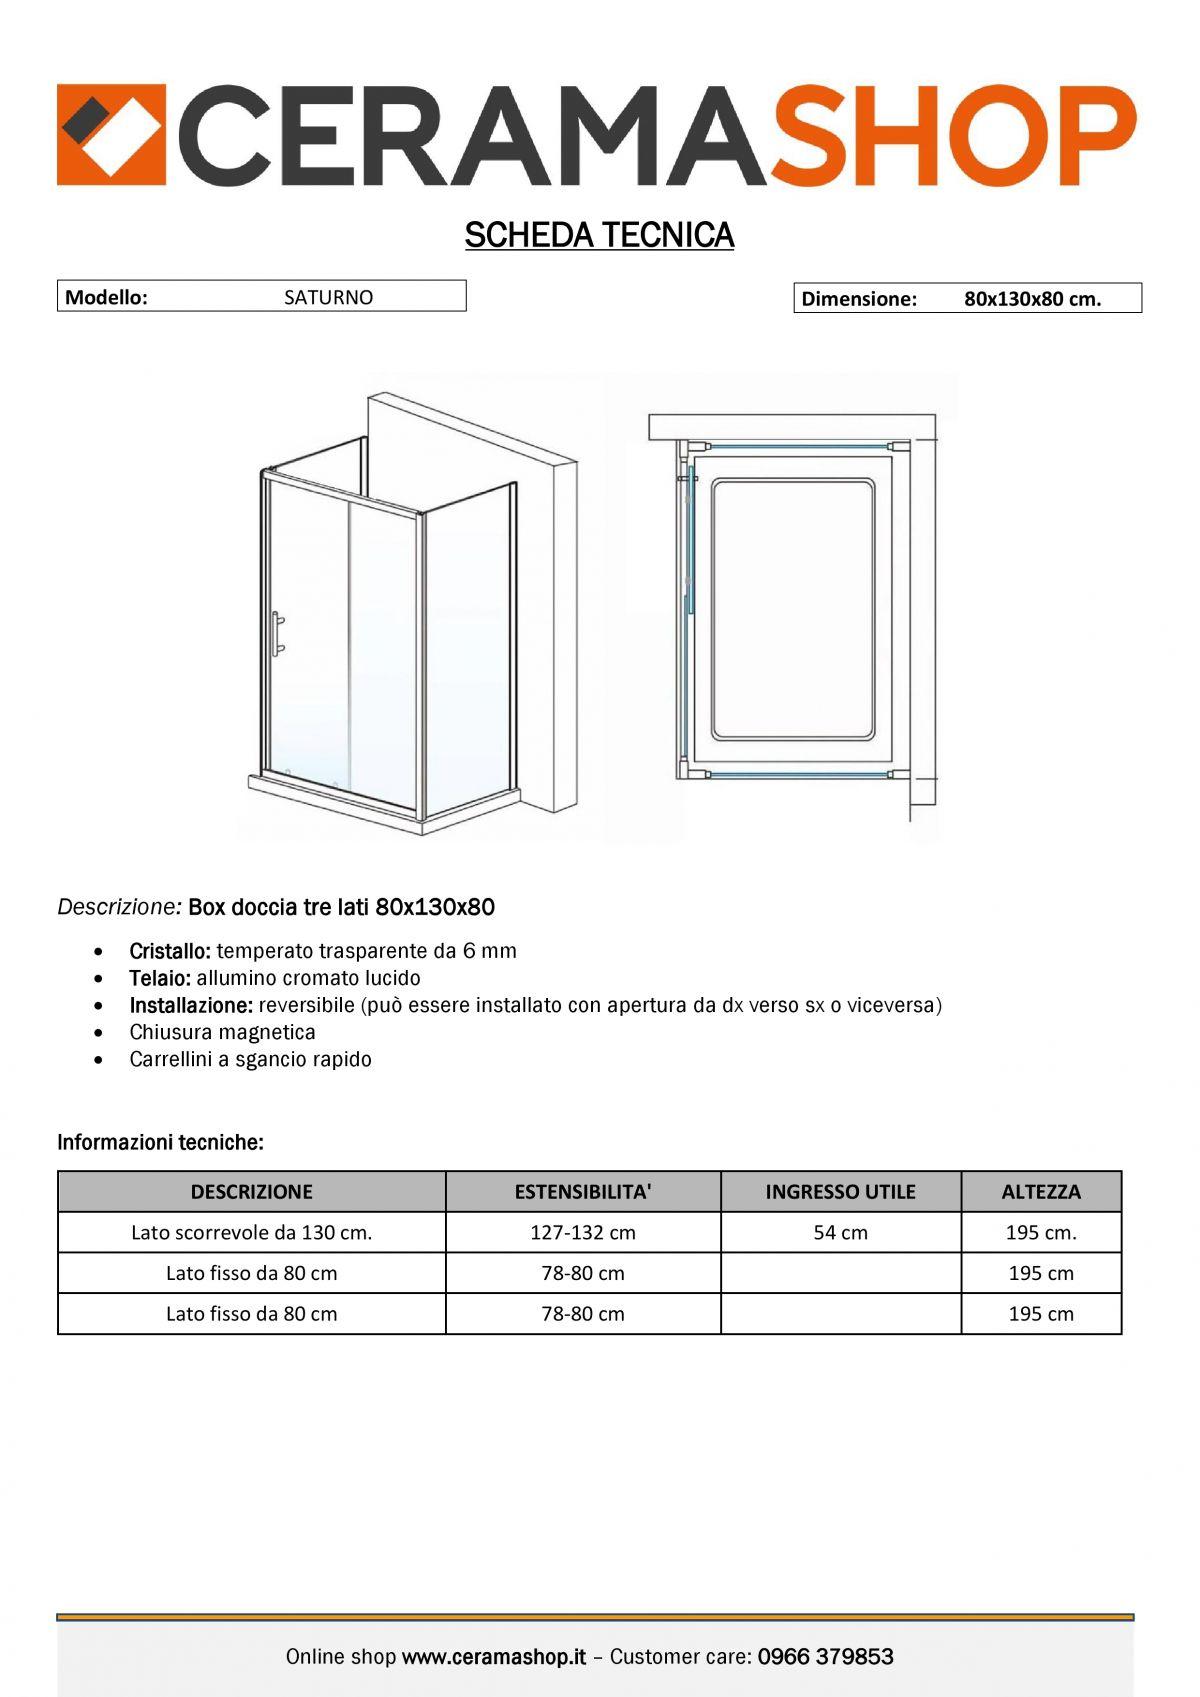 """80x130x80 0000012 scaled Box Cabina doccia tre lati """"Saturno"""" 80x130x80 cm scorrevole cristallo trasparente 6 mm"""